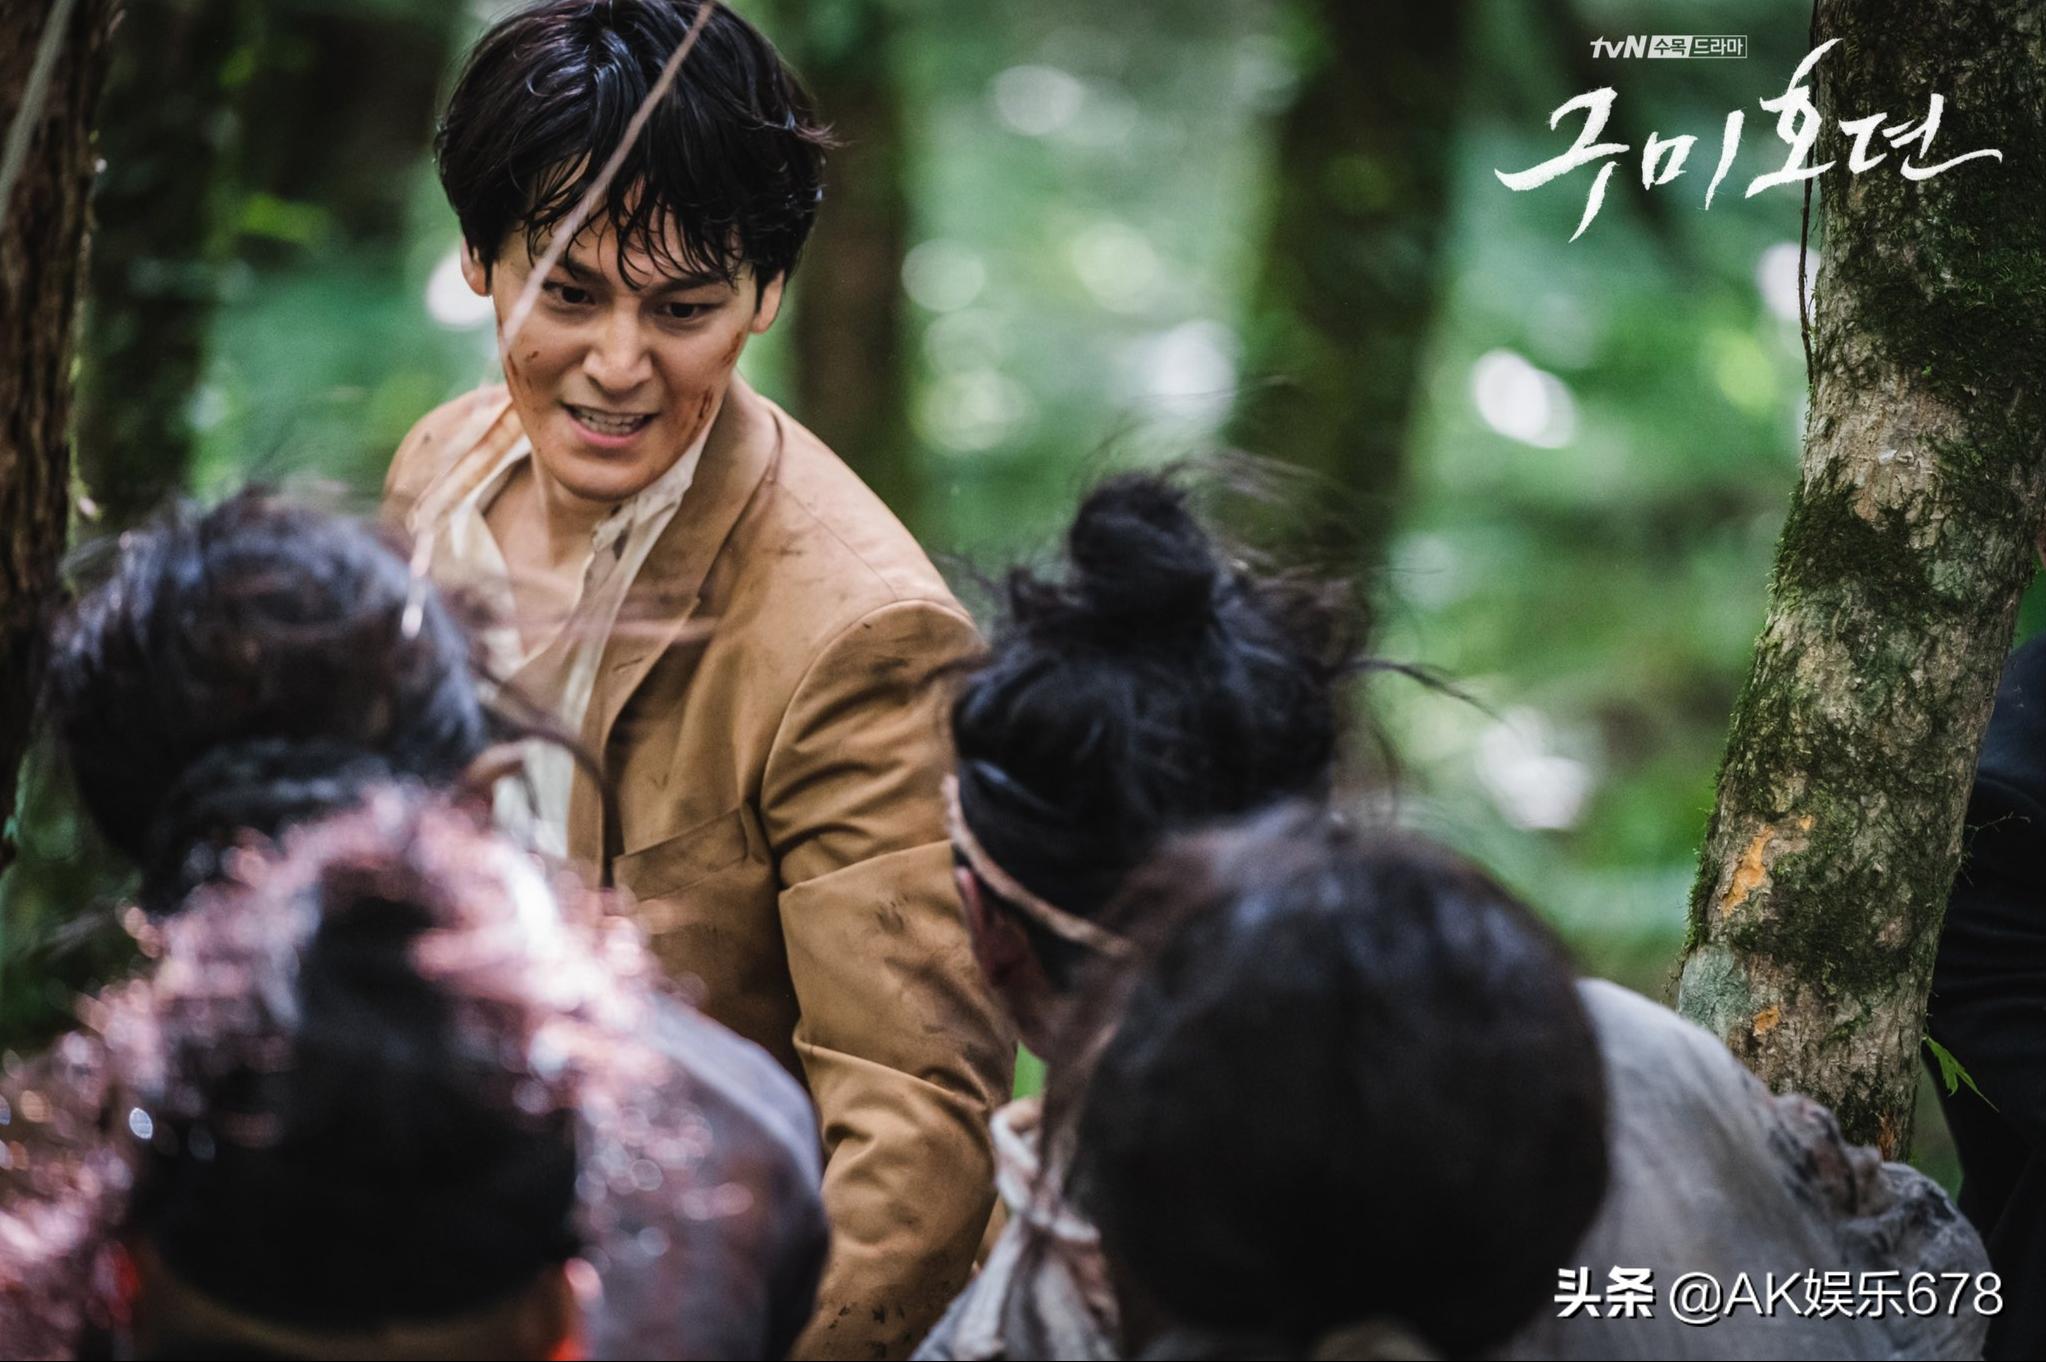 韩国热播剧《九尾狐传》的三大细节